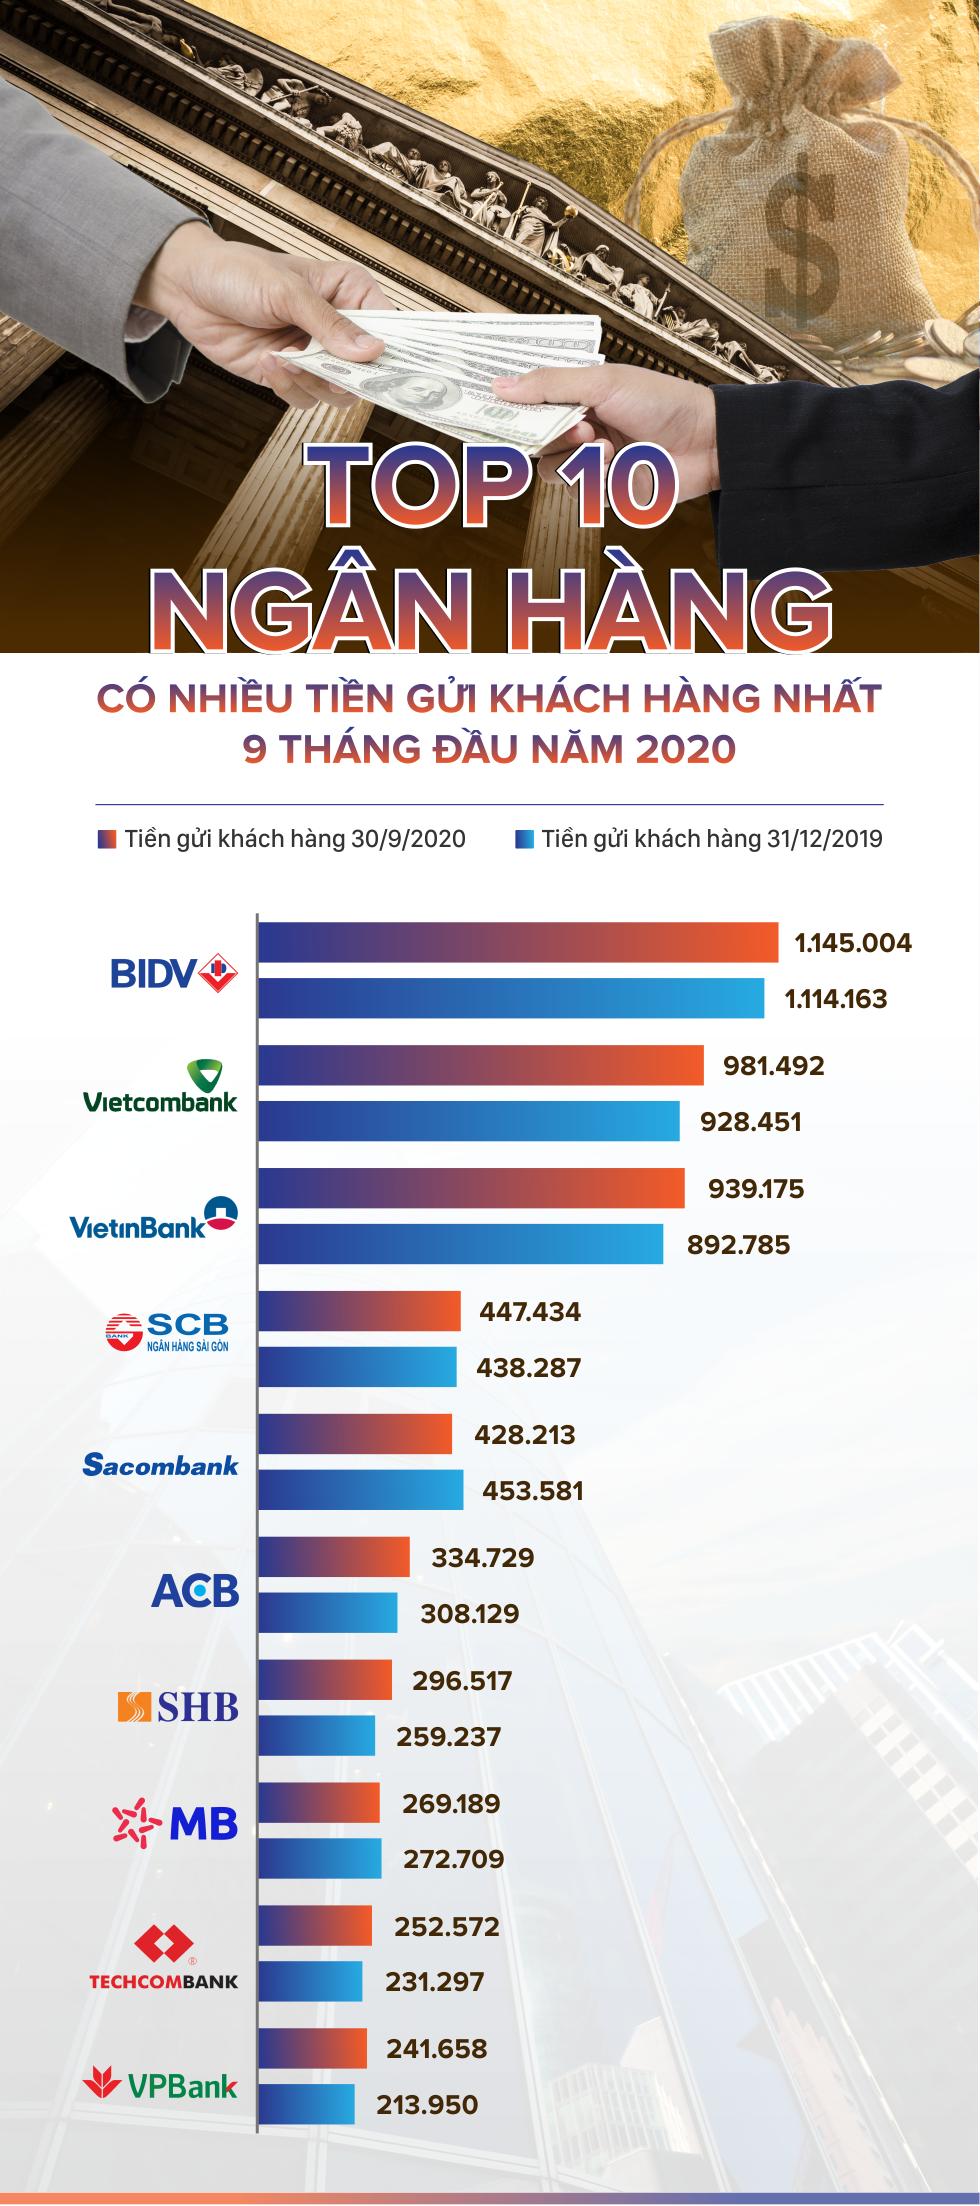 TOP 10 ngân hàng có nhiều tiền gửi khách hàng nhất 9 tháng đầu năm 2020 - Ảnh 1.